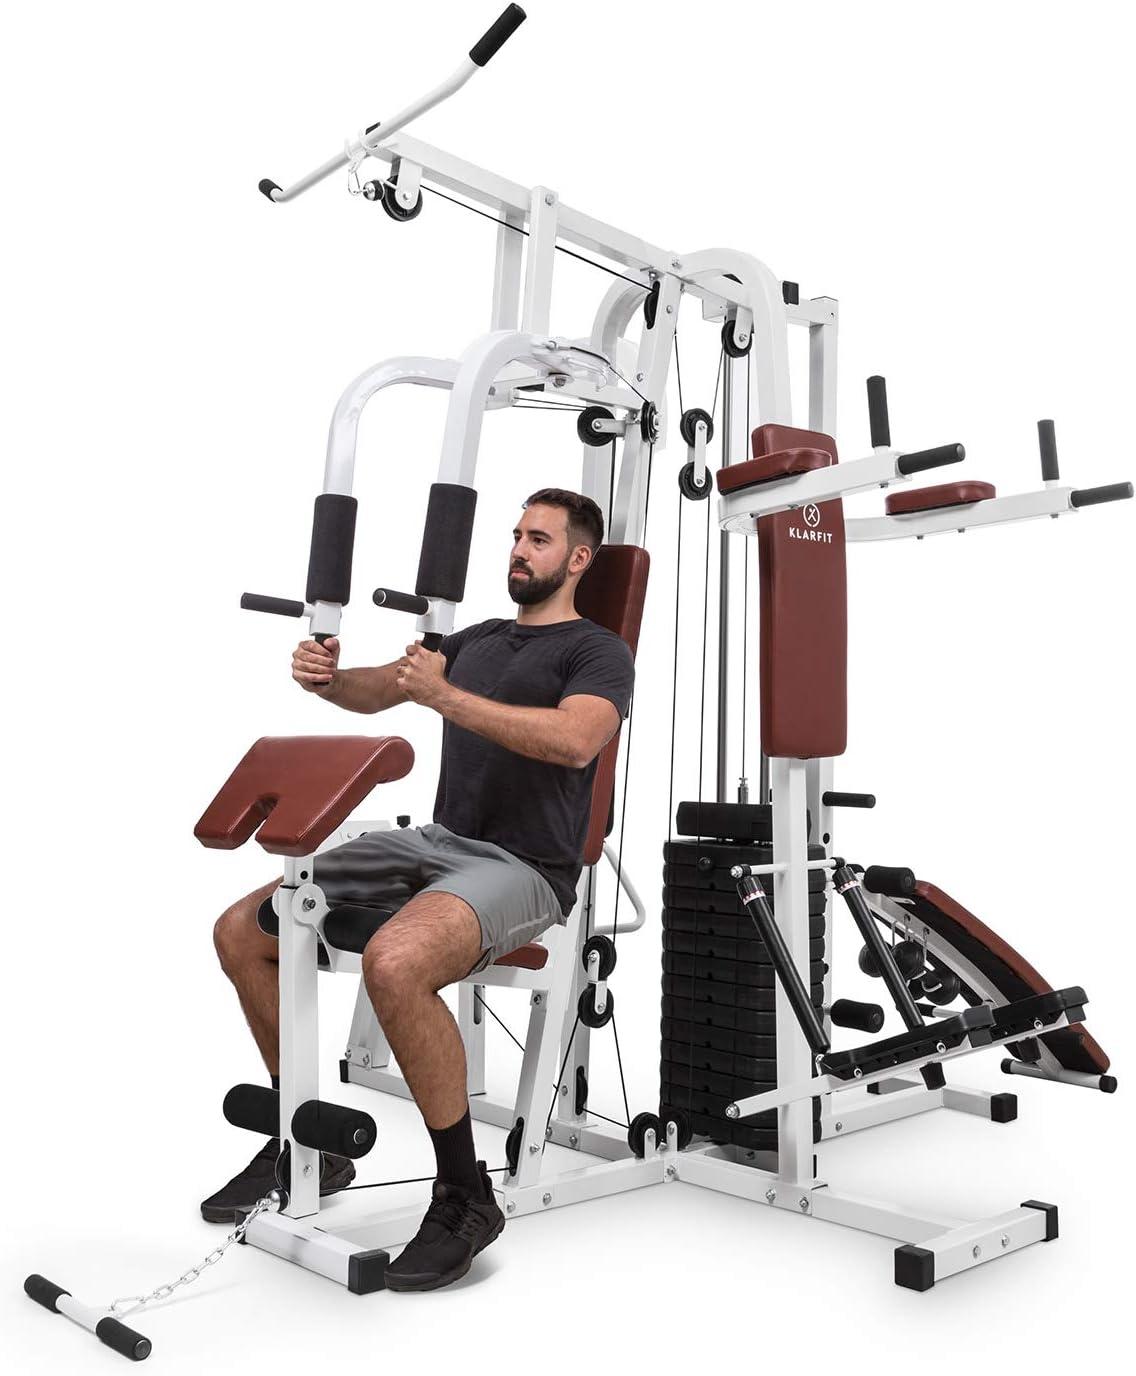 Klarfit Ultimate Gym 9000 - Multiestación de musculación, Entrenamiento Profesional, Múltiples Ejercicios para Hombros, Pecho, Brazos, piernas y Espalda, Pesos Ajustables y Poleas